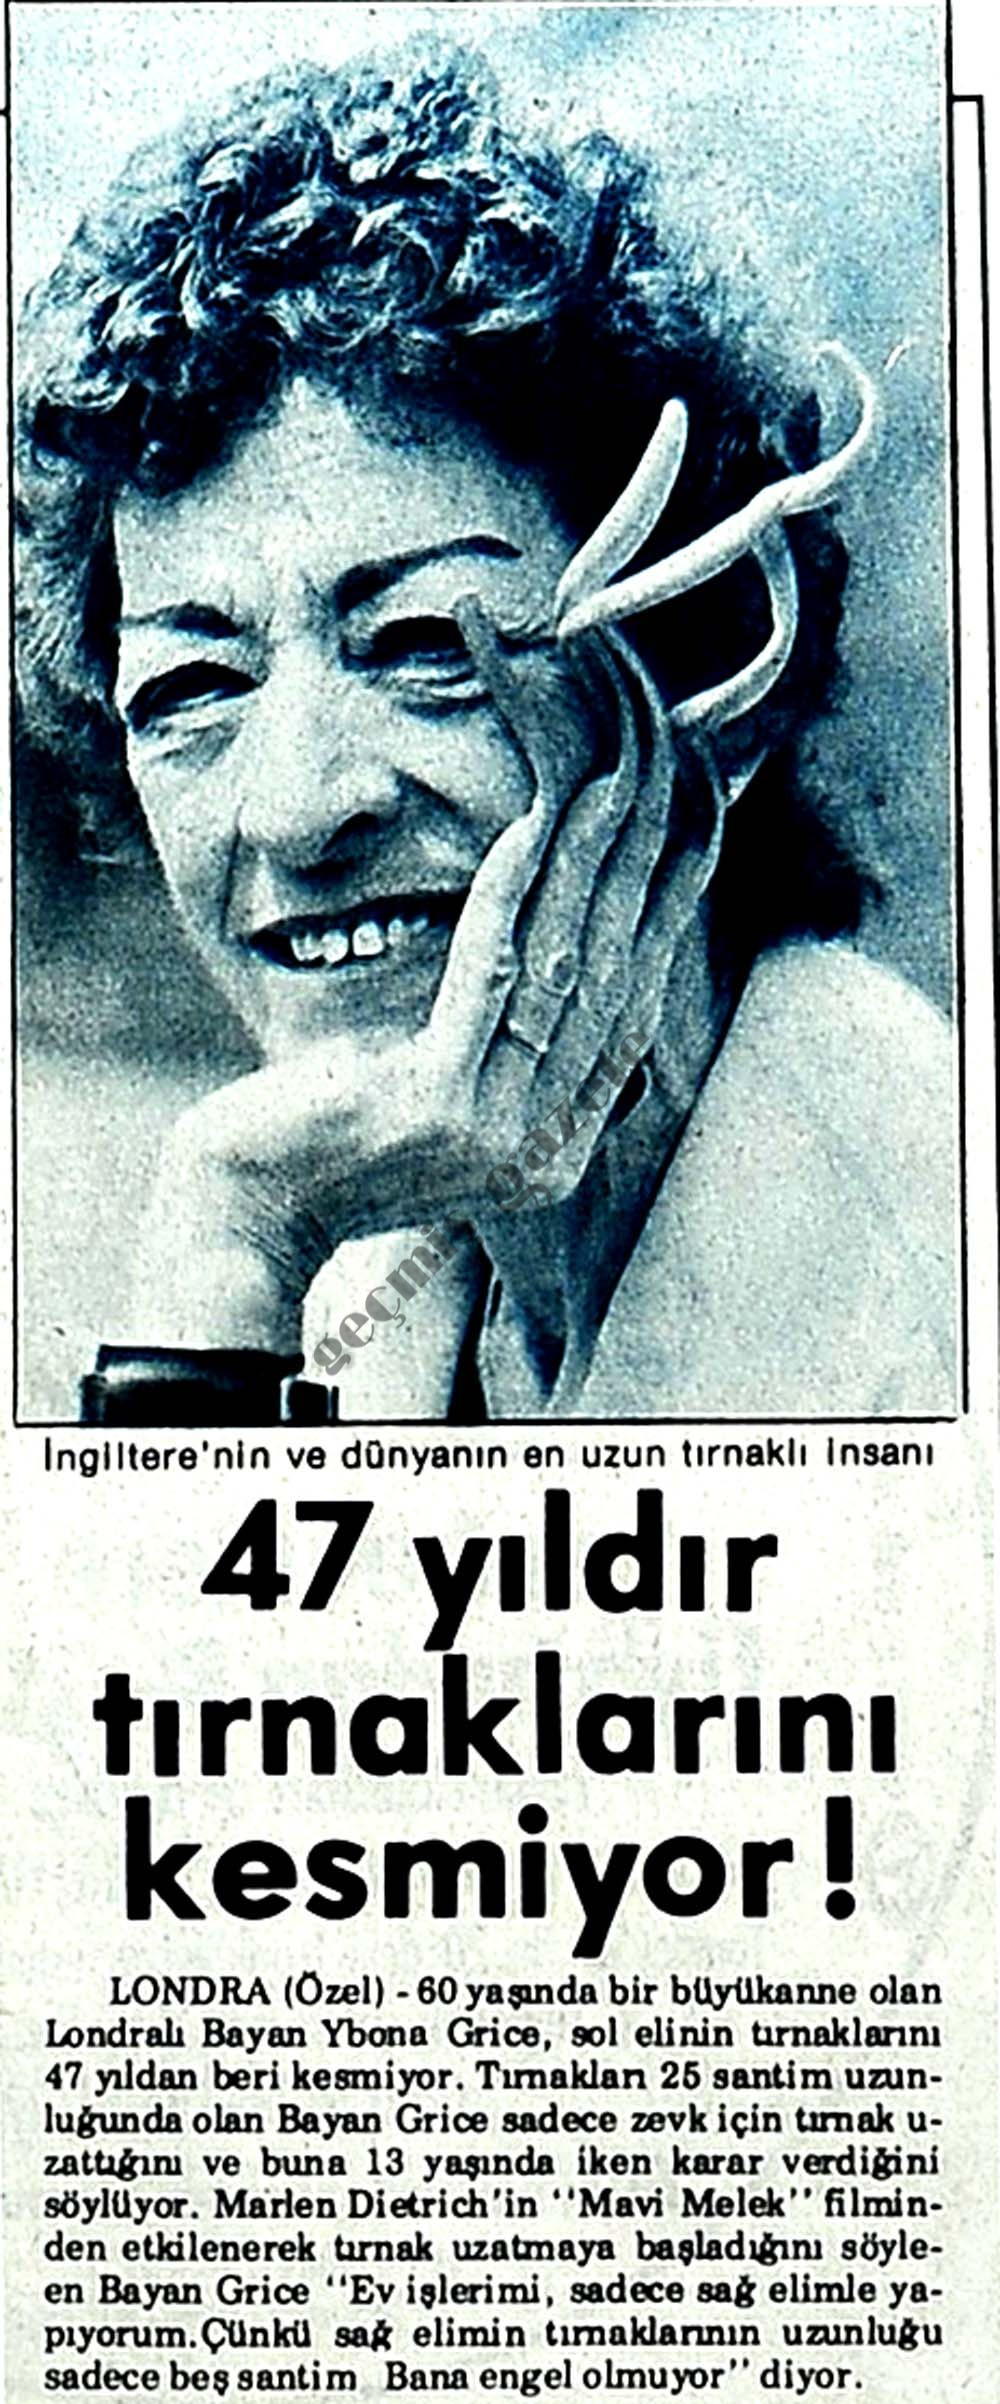 47 yıldır tırnaklarını kesmiyor!